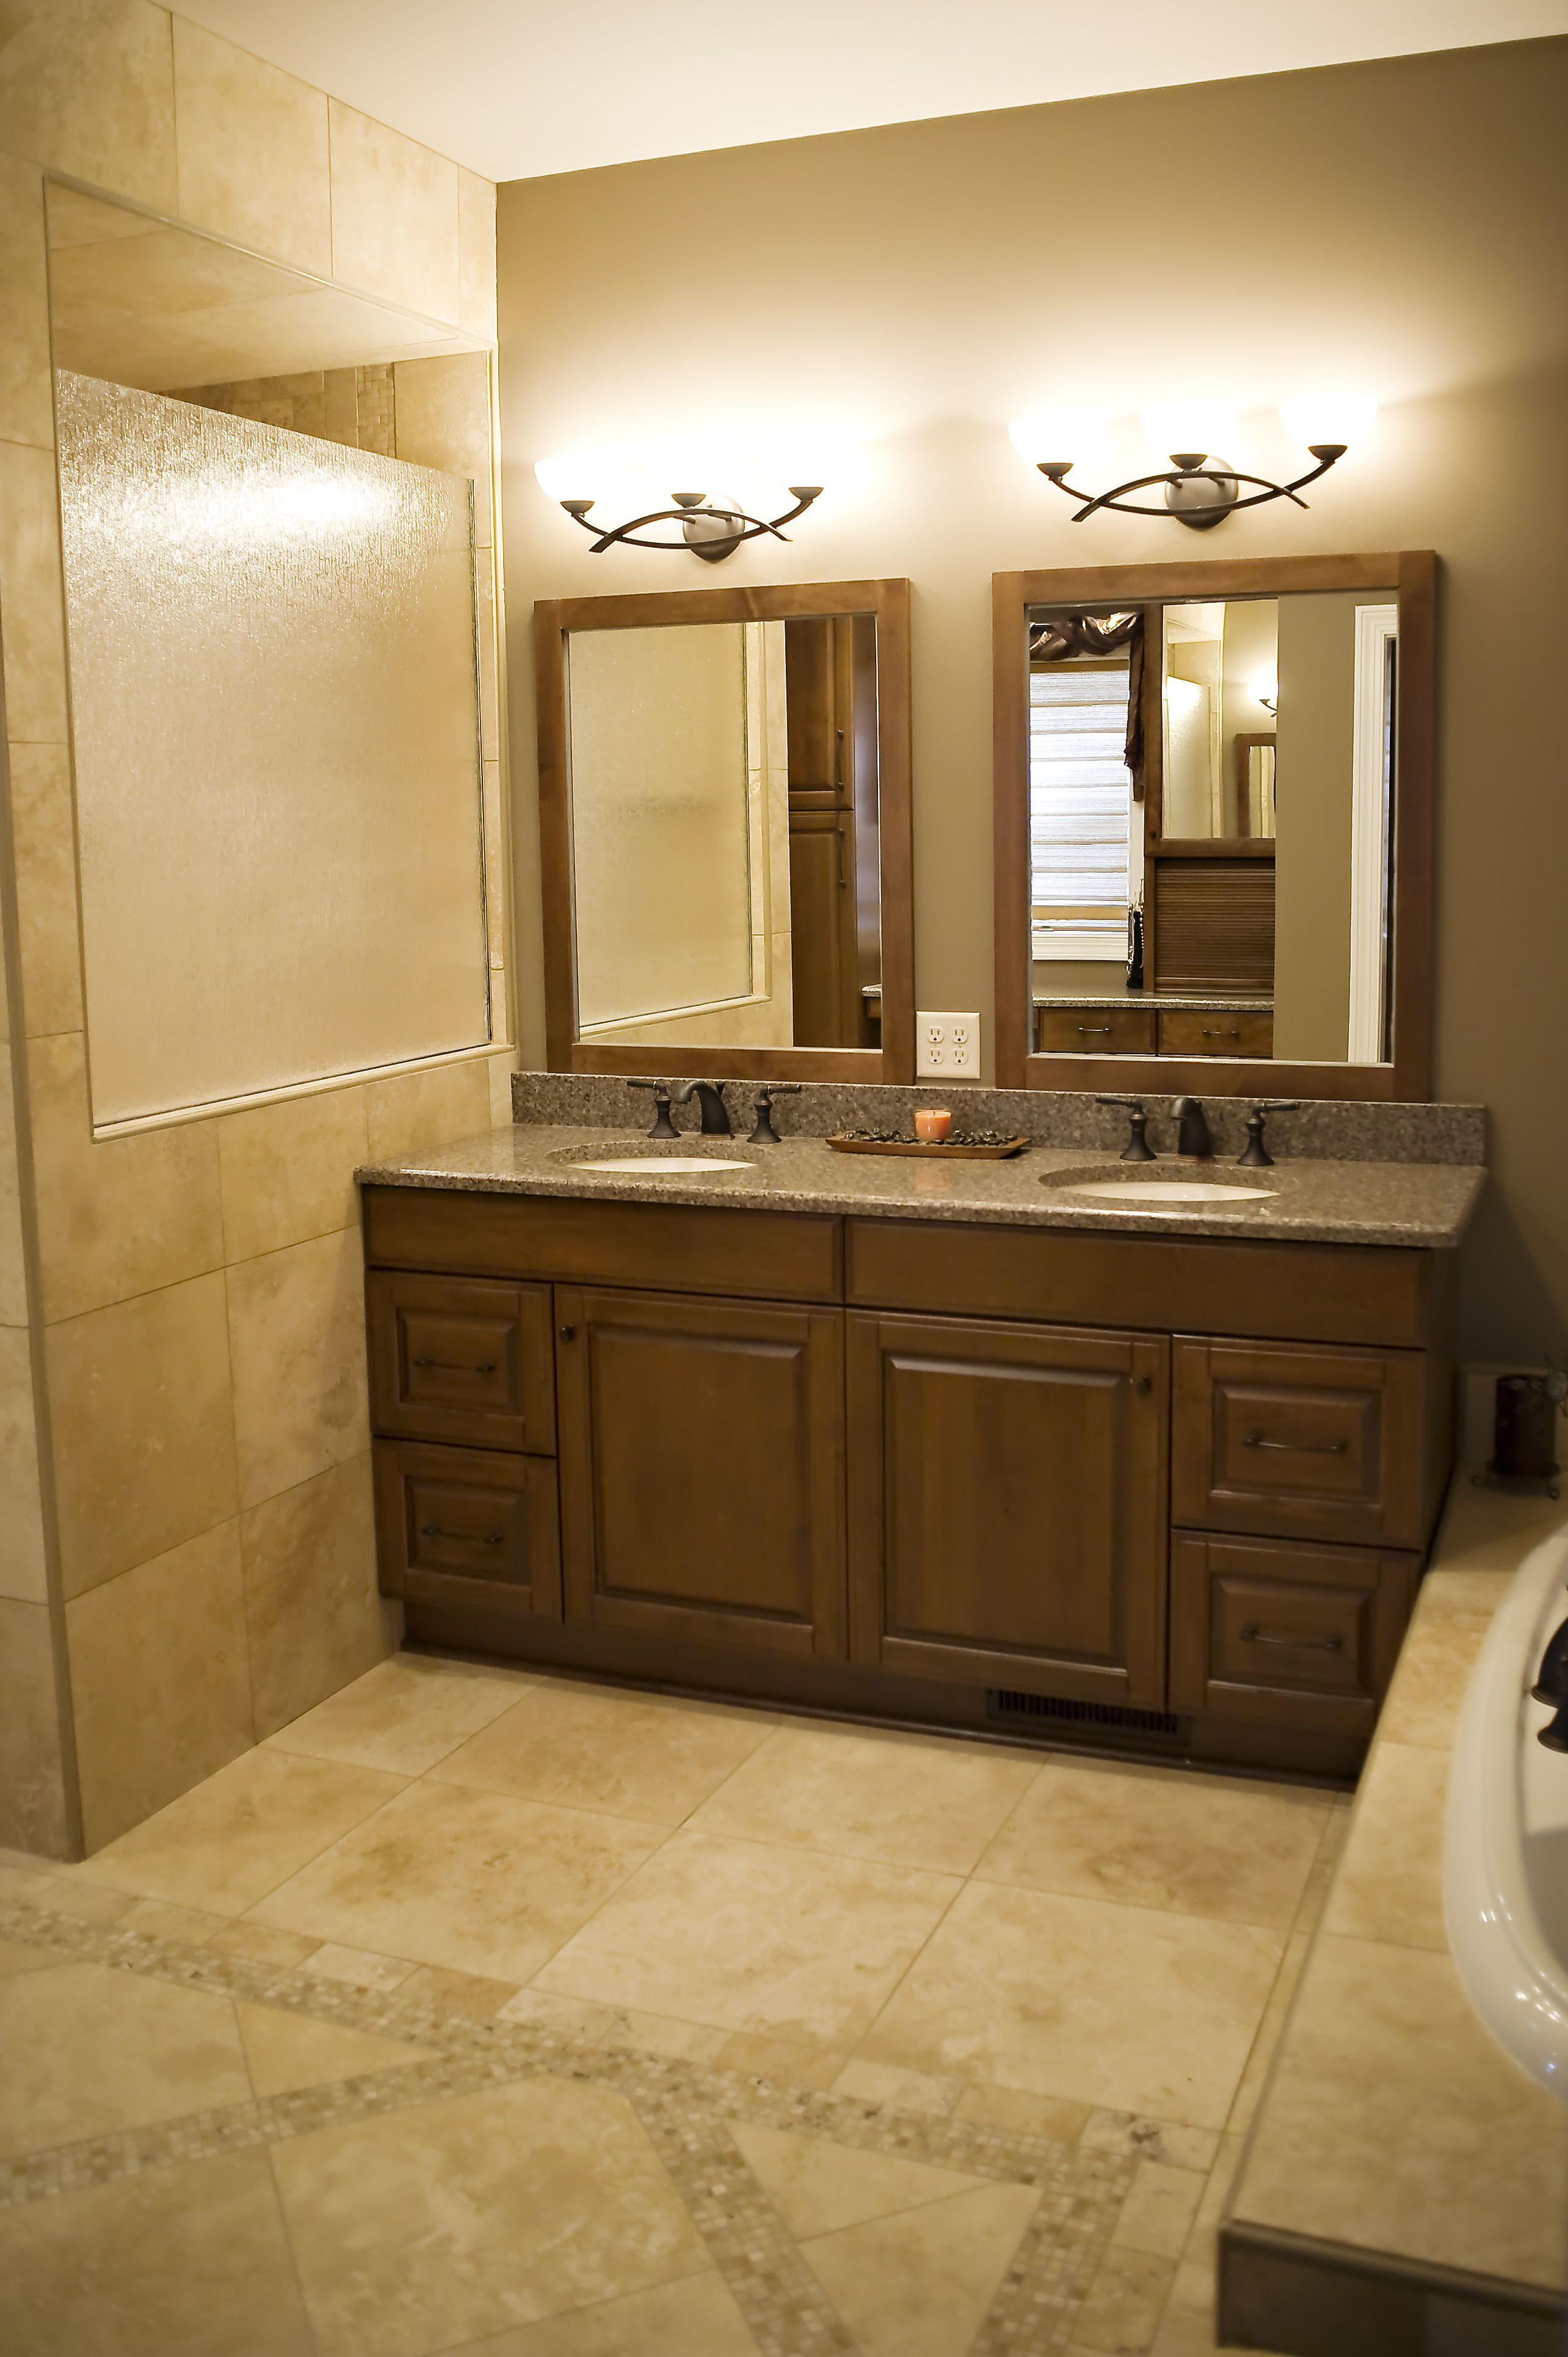 His And Her Vanity Bathroom Remodel